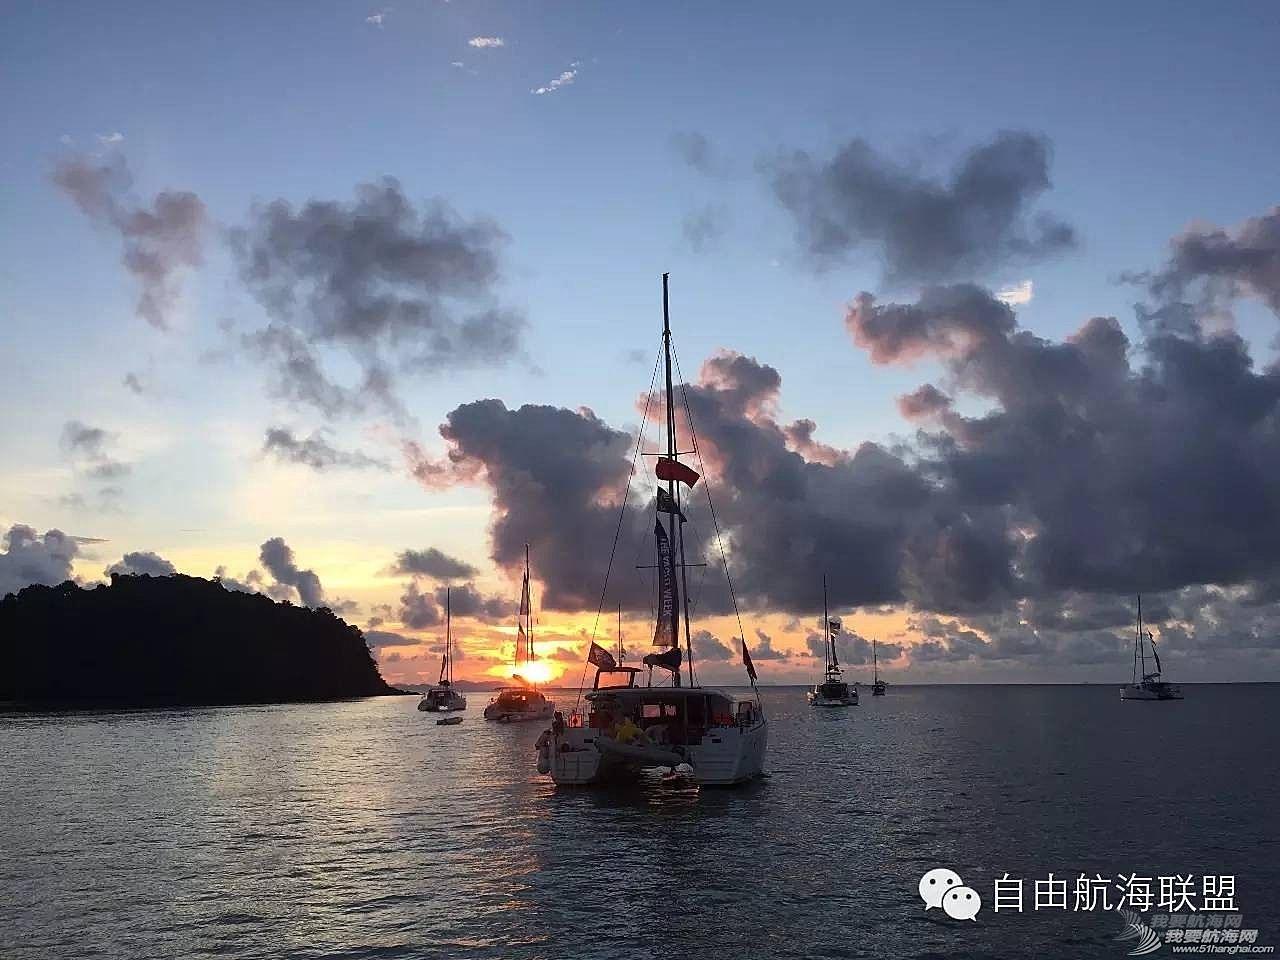 3天短途帆船旅行,五一相约安达曼海